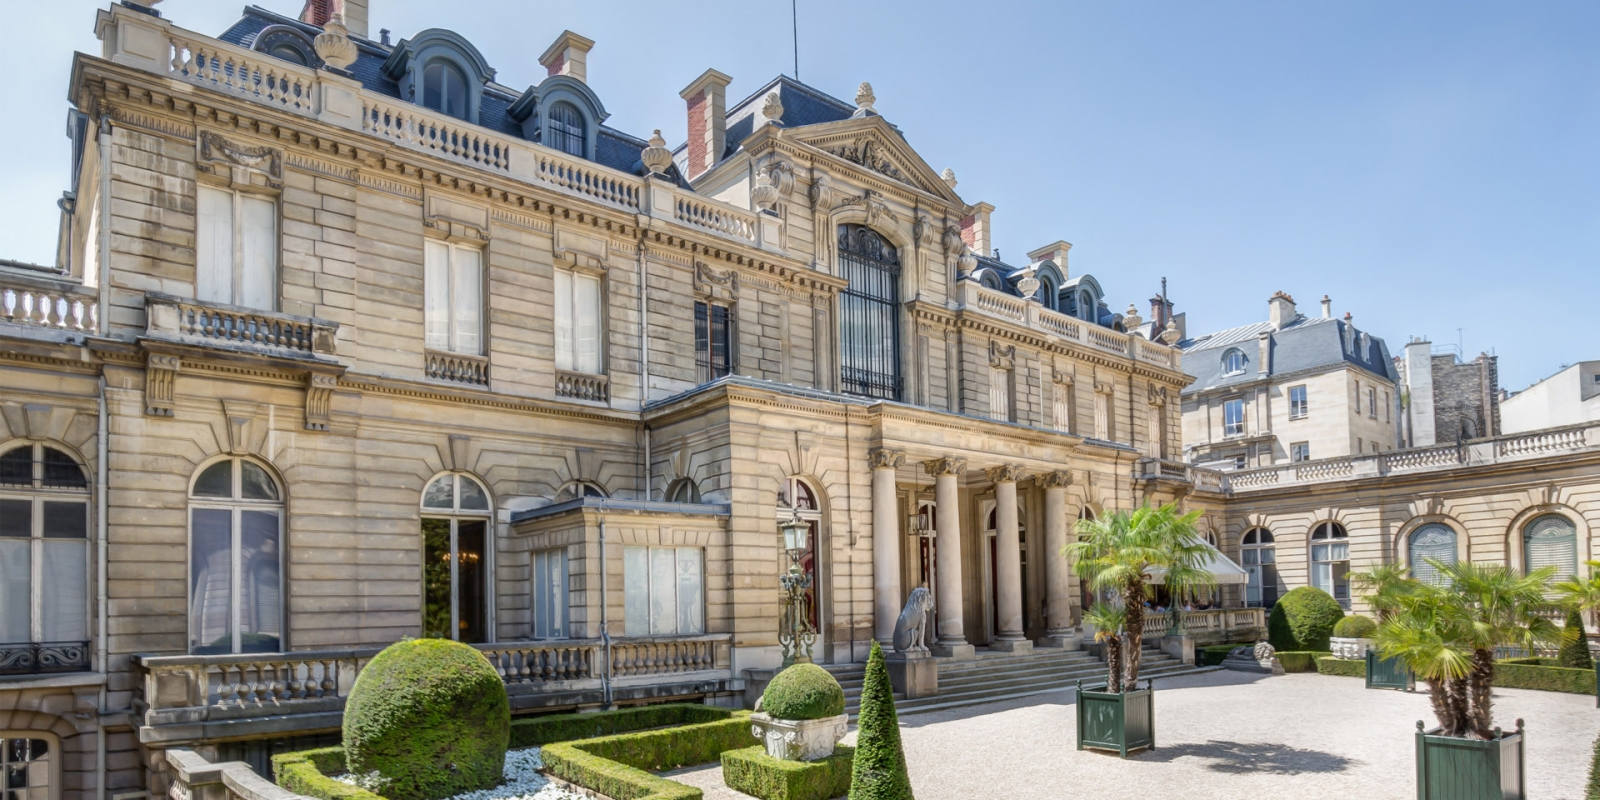 Jacquemart-André Museum